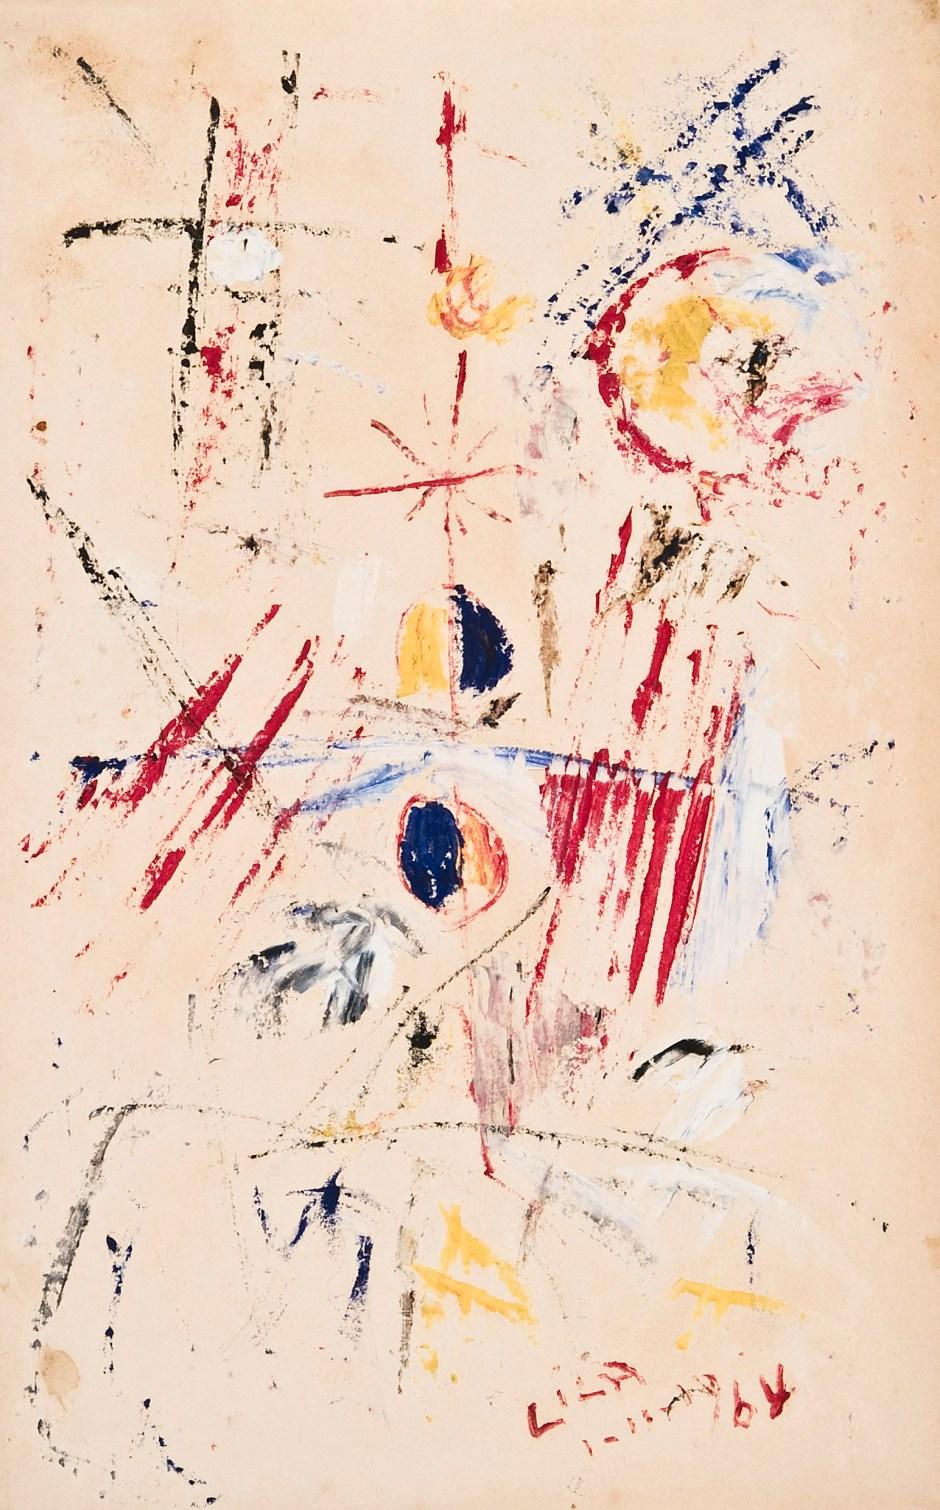 Juego con líneas y colores (E. Lisa 1964)